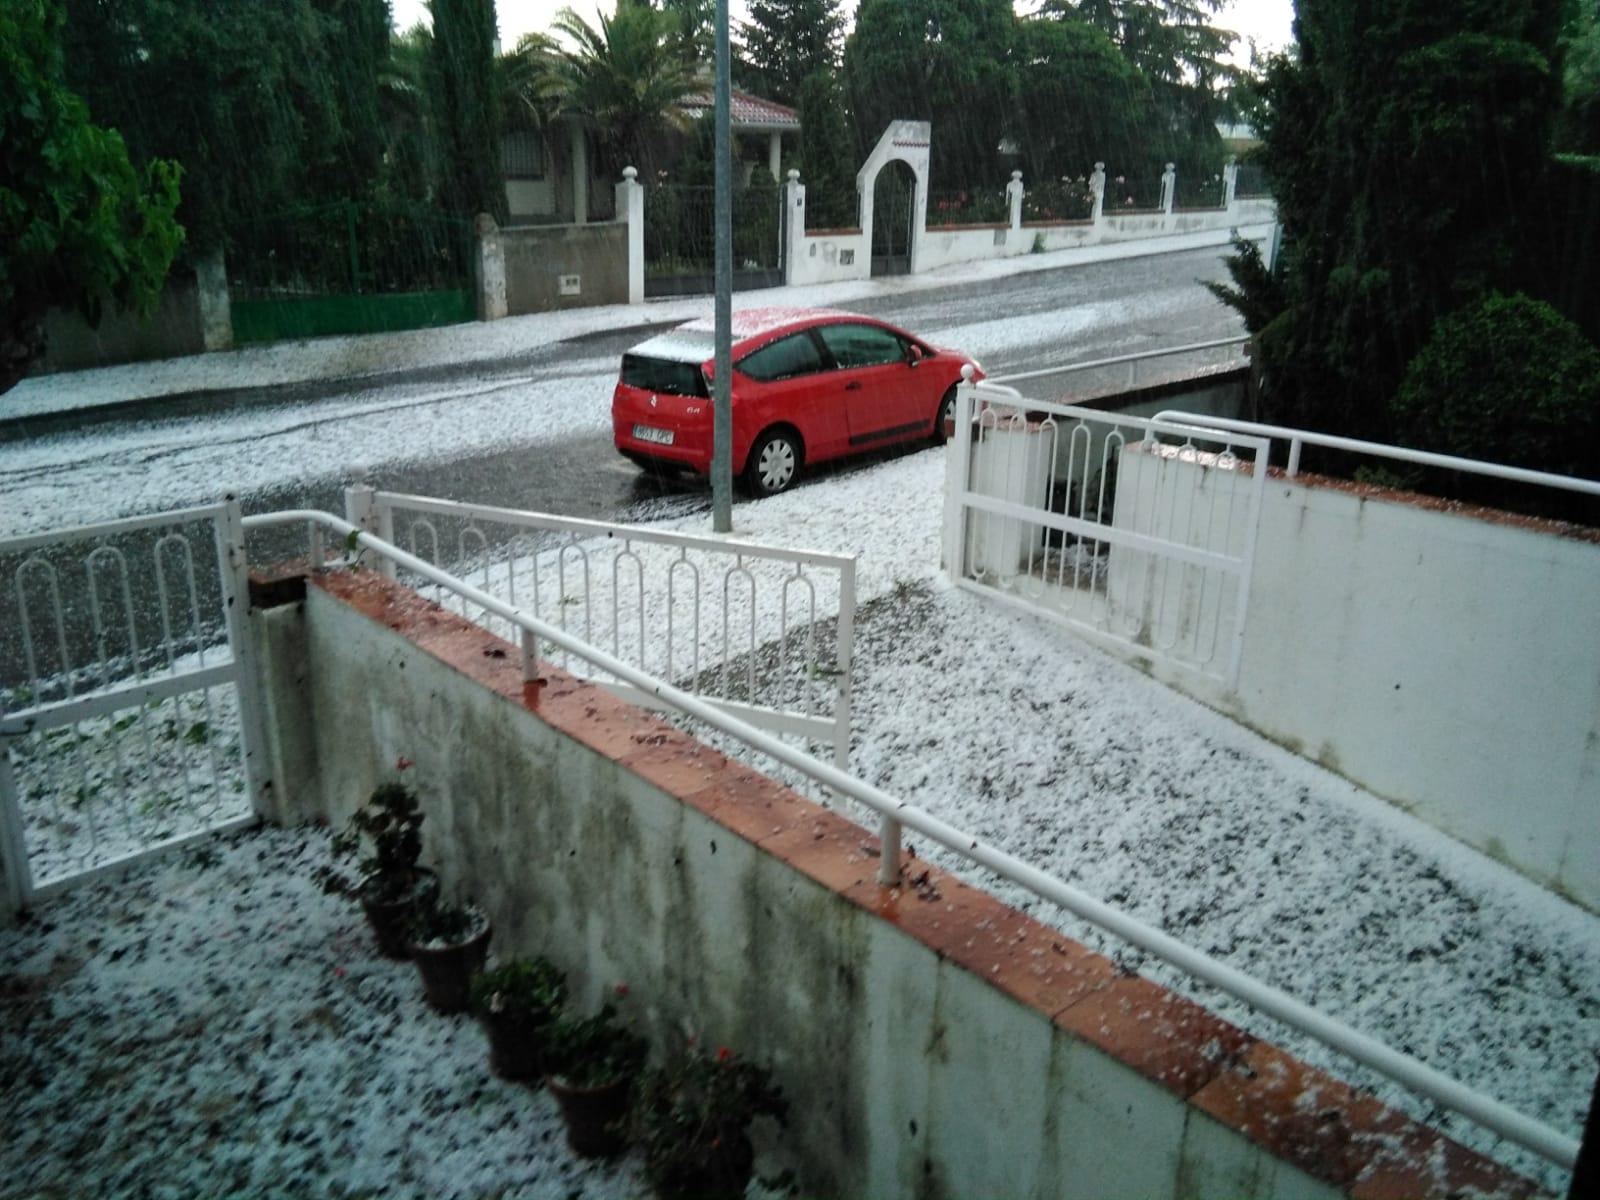 Tormenta de granizo en Cabrerizos.